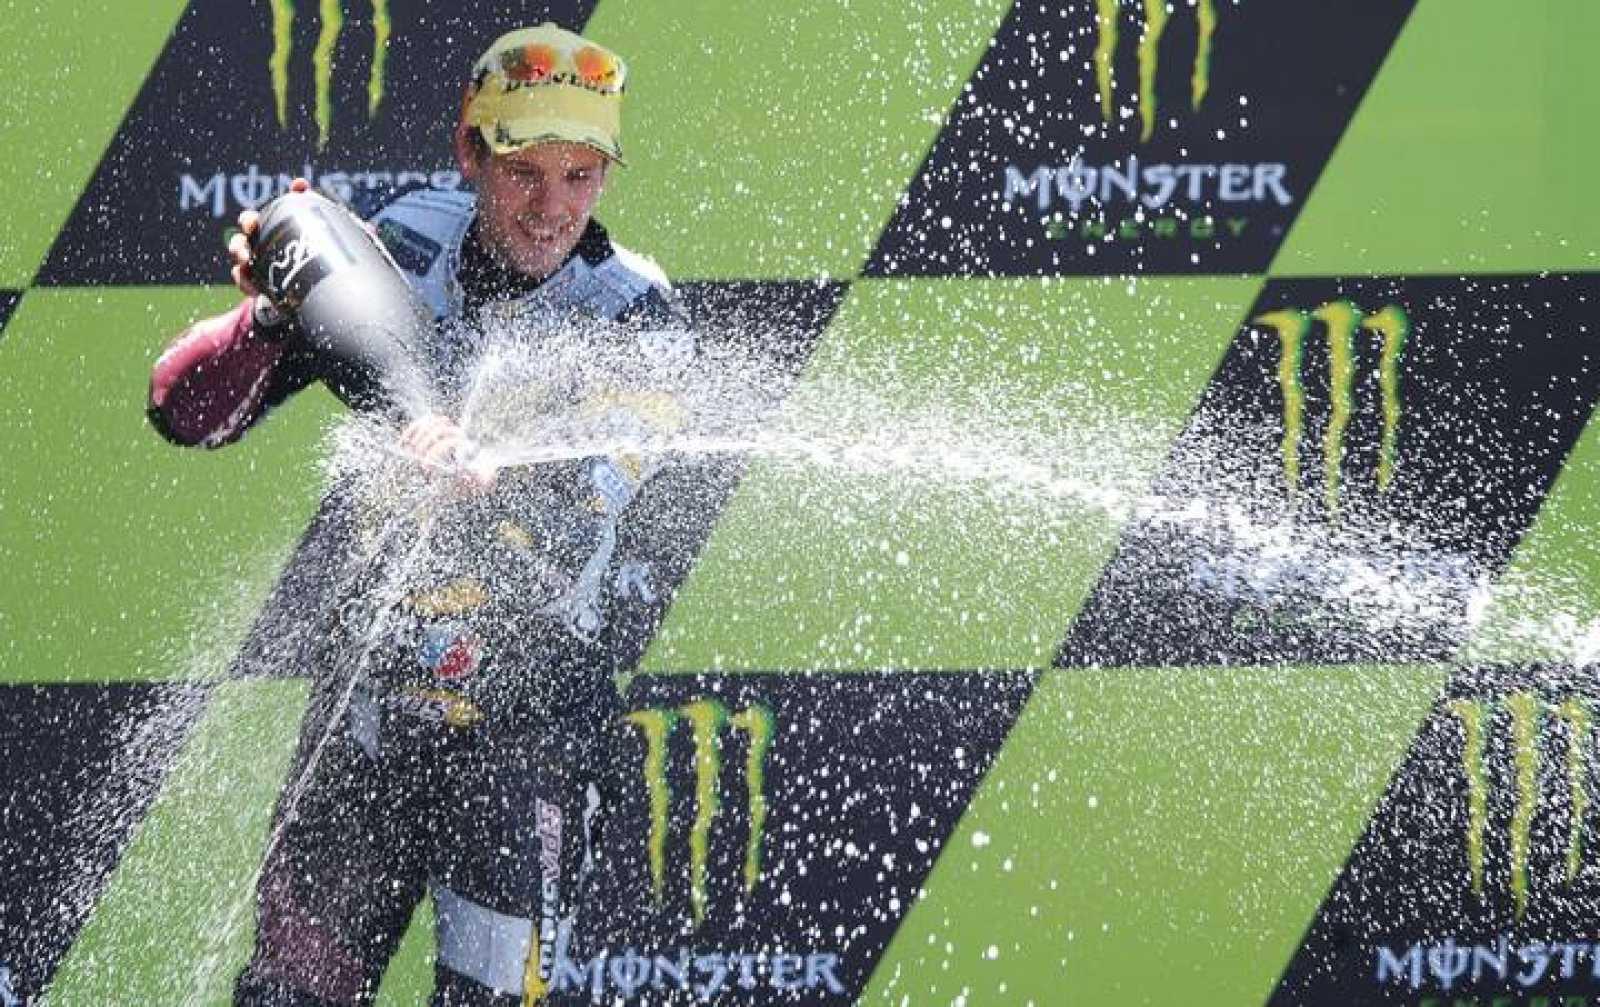 El finlandés Mika Kallio celebra su victoria en Le Mans